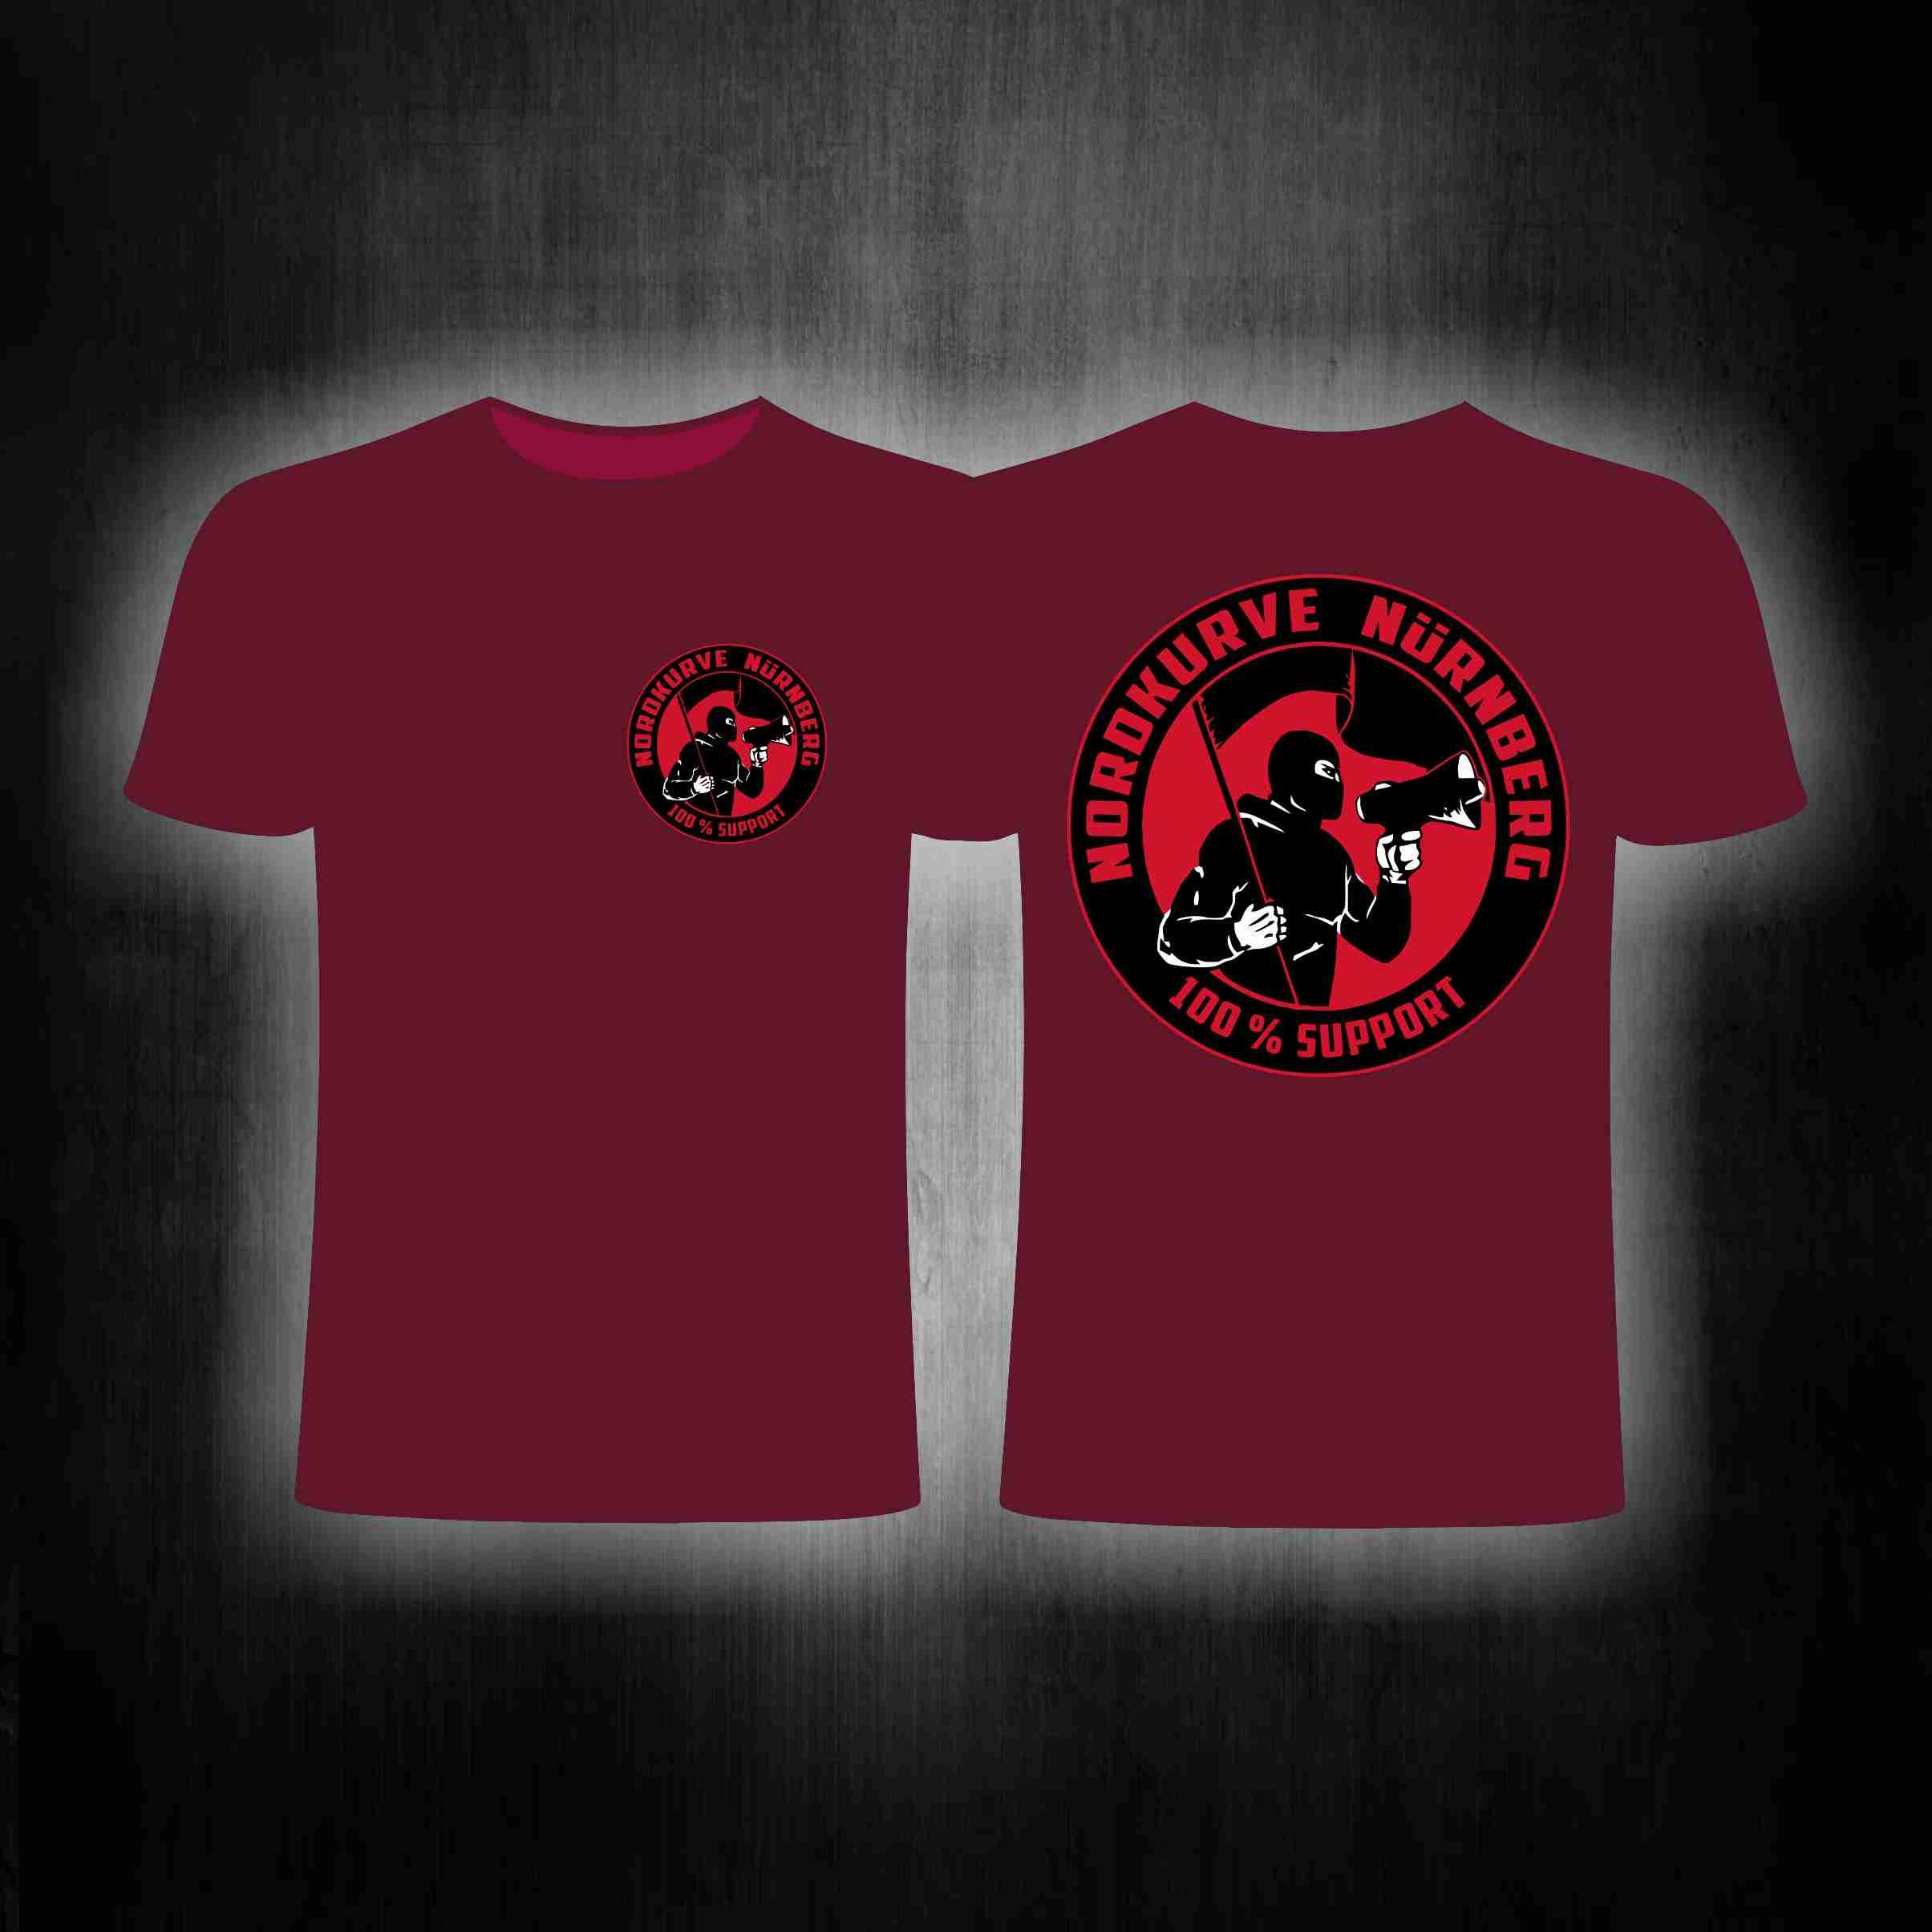 T-Shirt beidseitig bedruckt - 100% Support Nordkurve weinrot